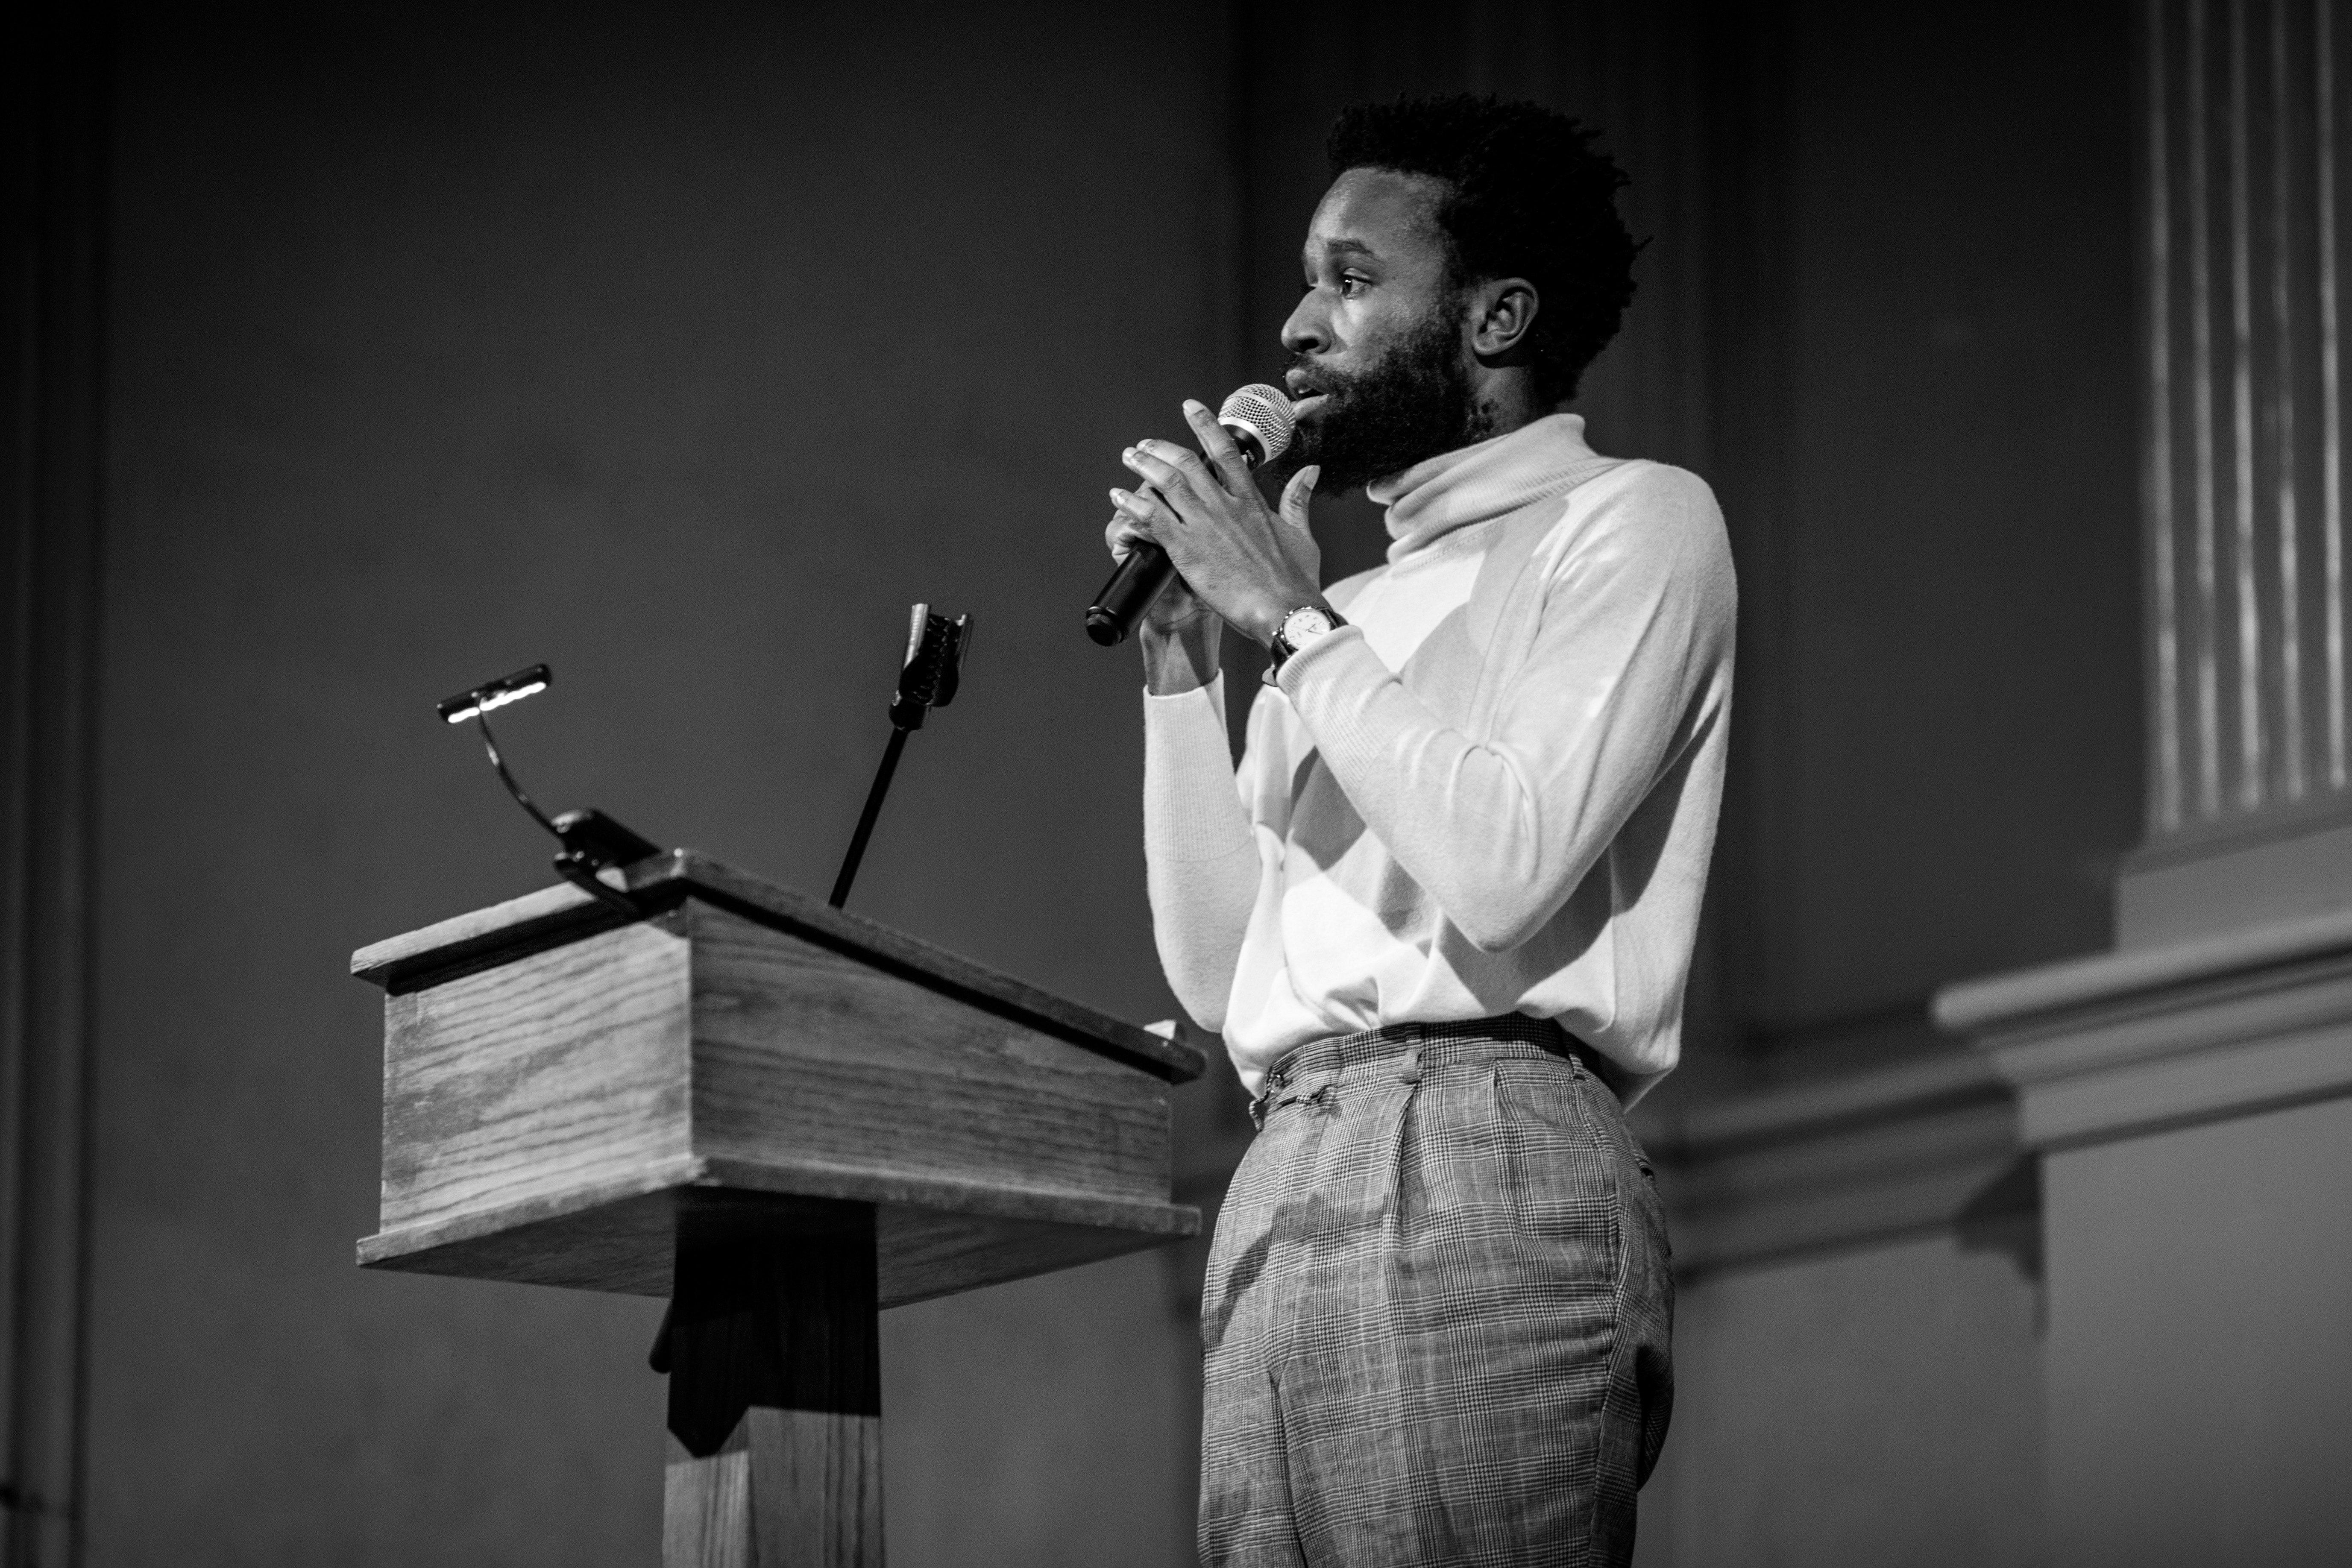 Jerome Ellis performing